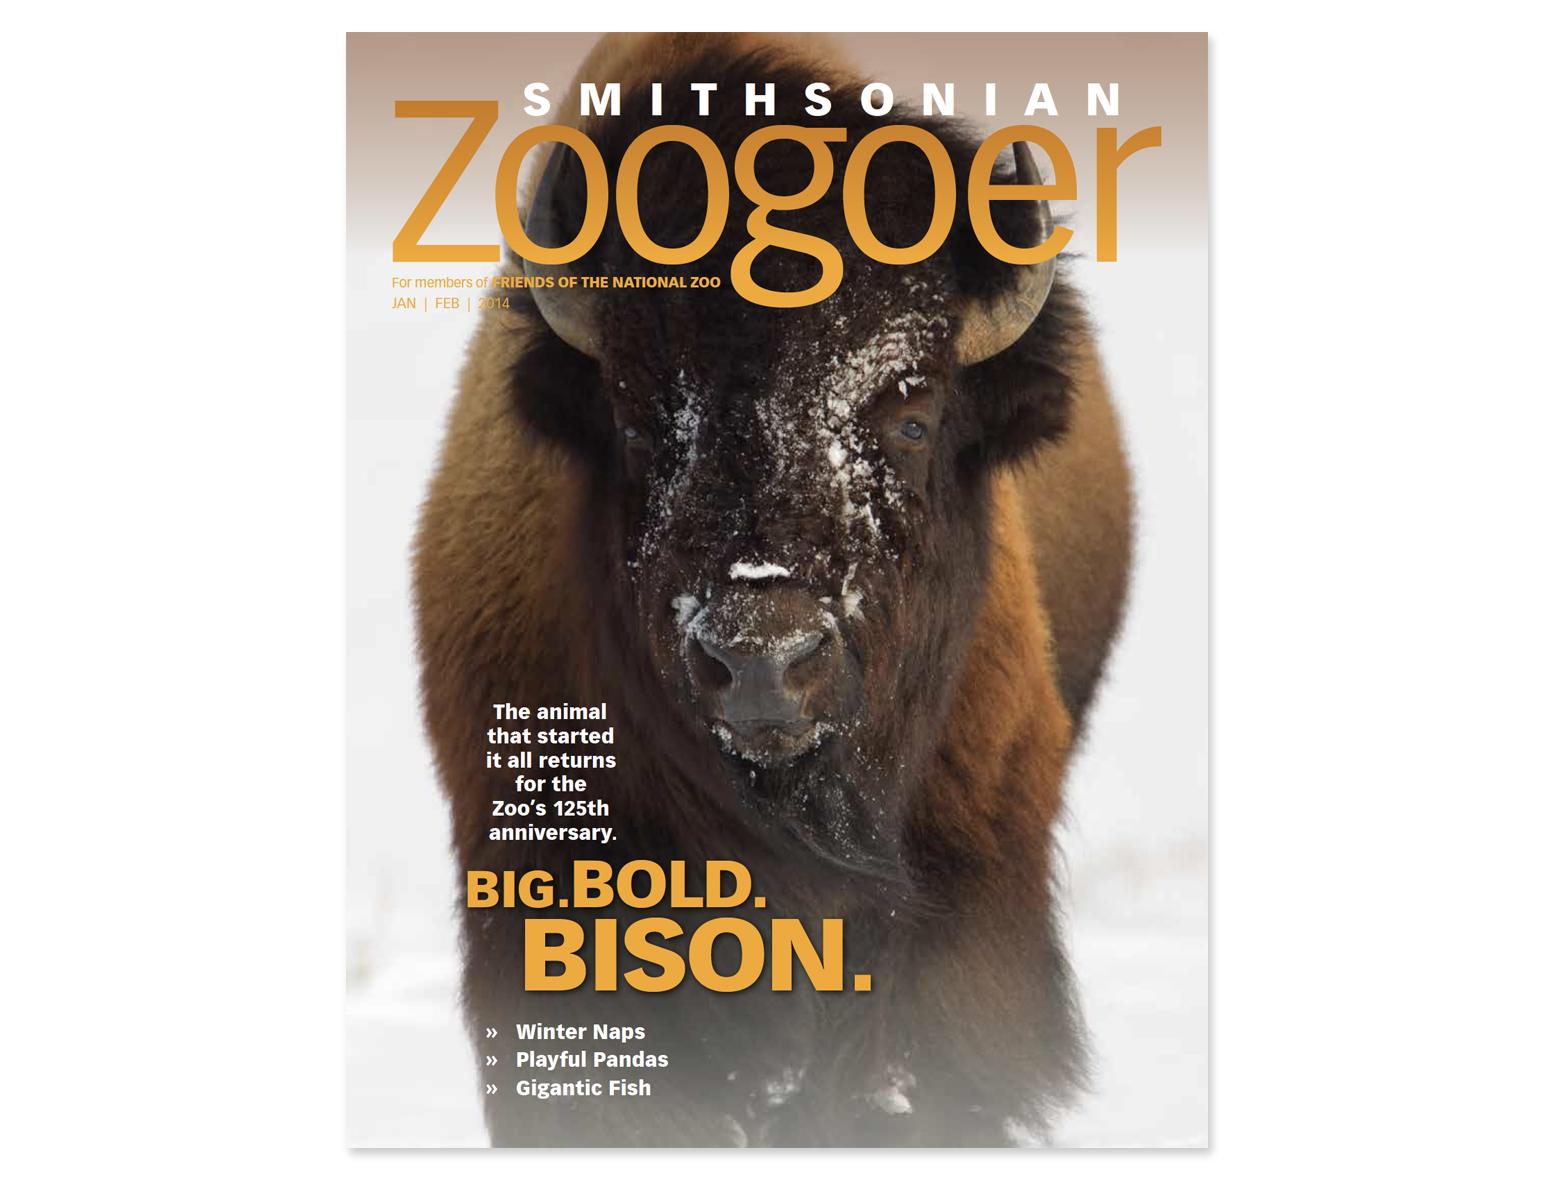 Zoogoer1.jpg